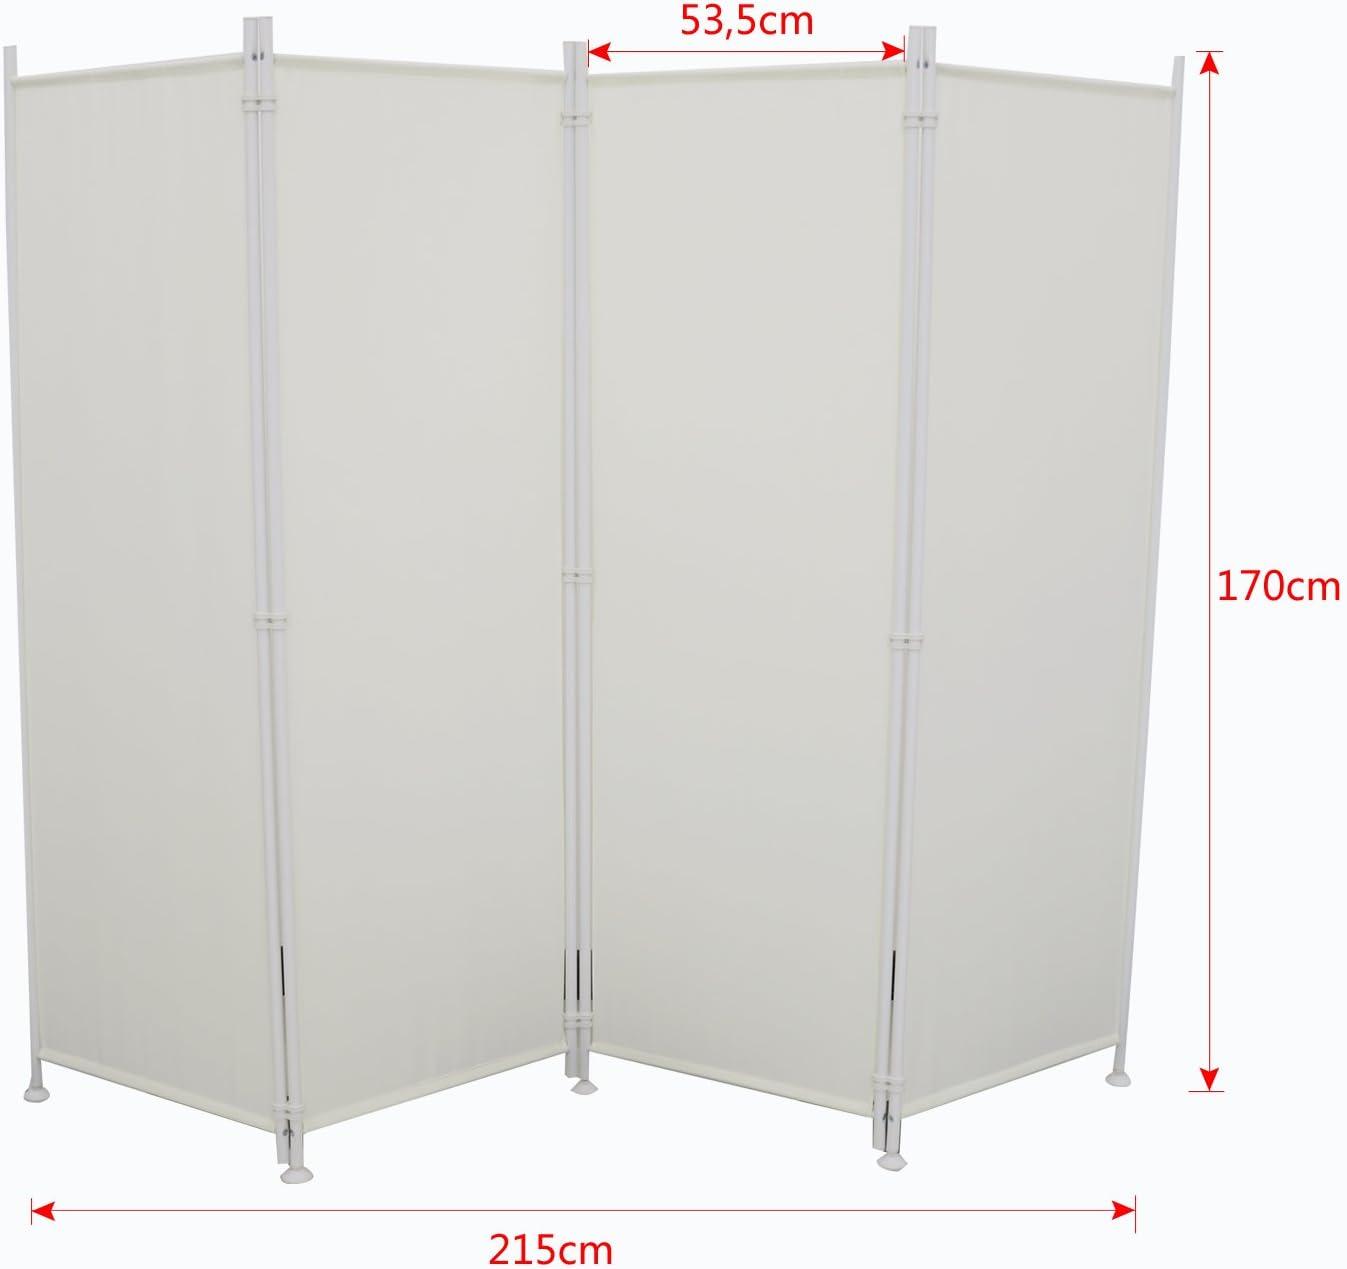 Paravent 215cm Sichtschutz Spanische Wand Stellwand Raumteiler Trennwand Garten